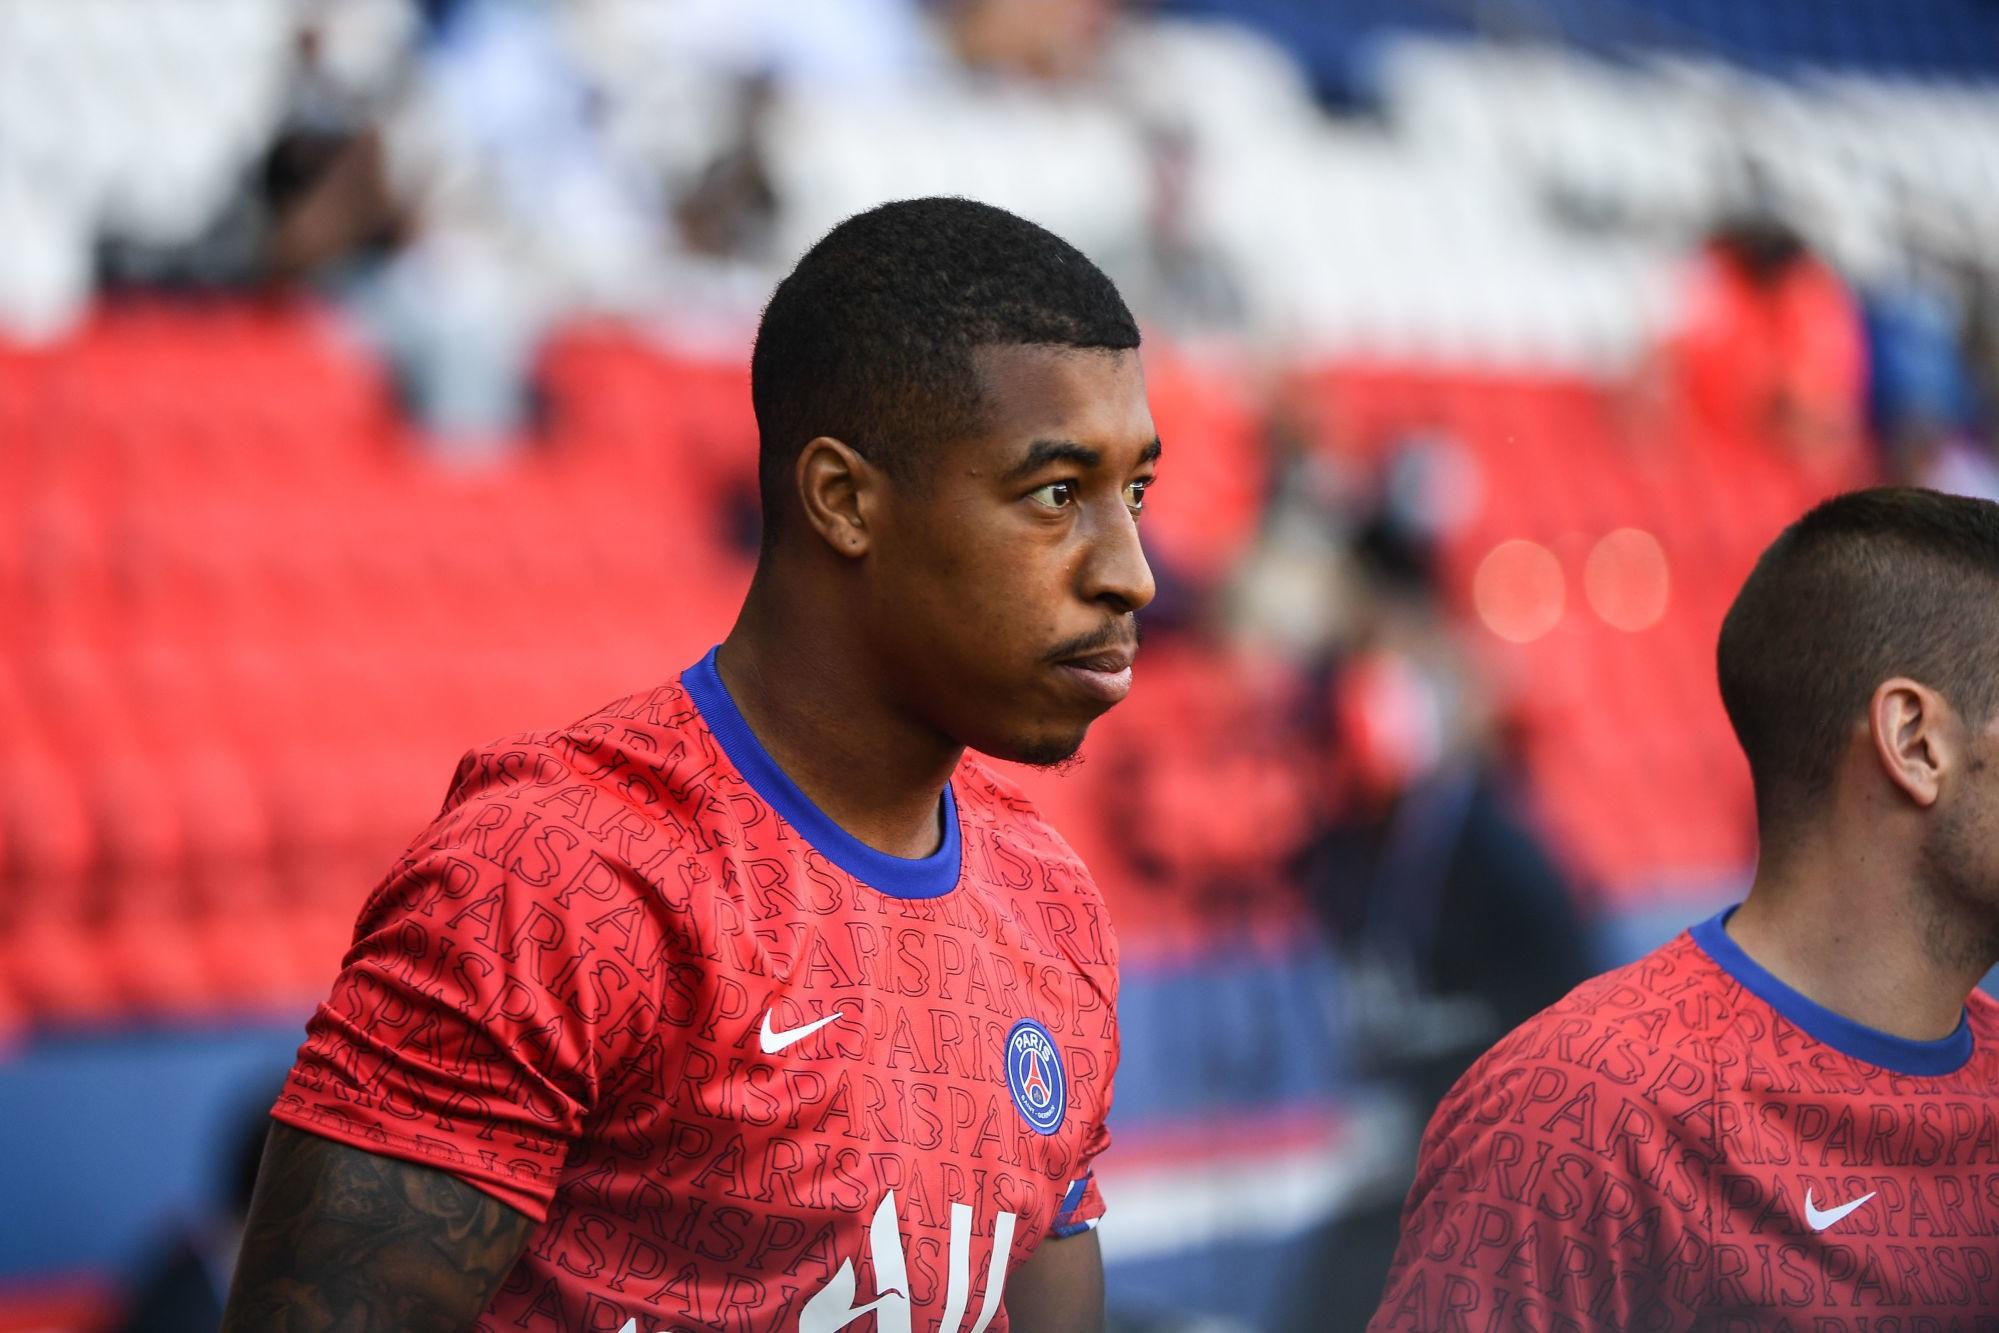 Kimpembe face à Strasbourg, Thiago Mendes prend 3 matchs dont 1 avec sursis